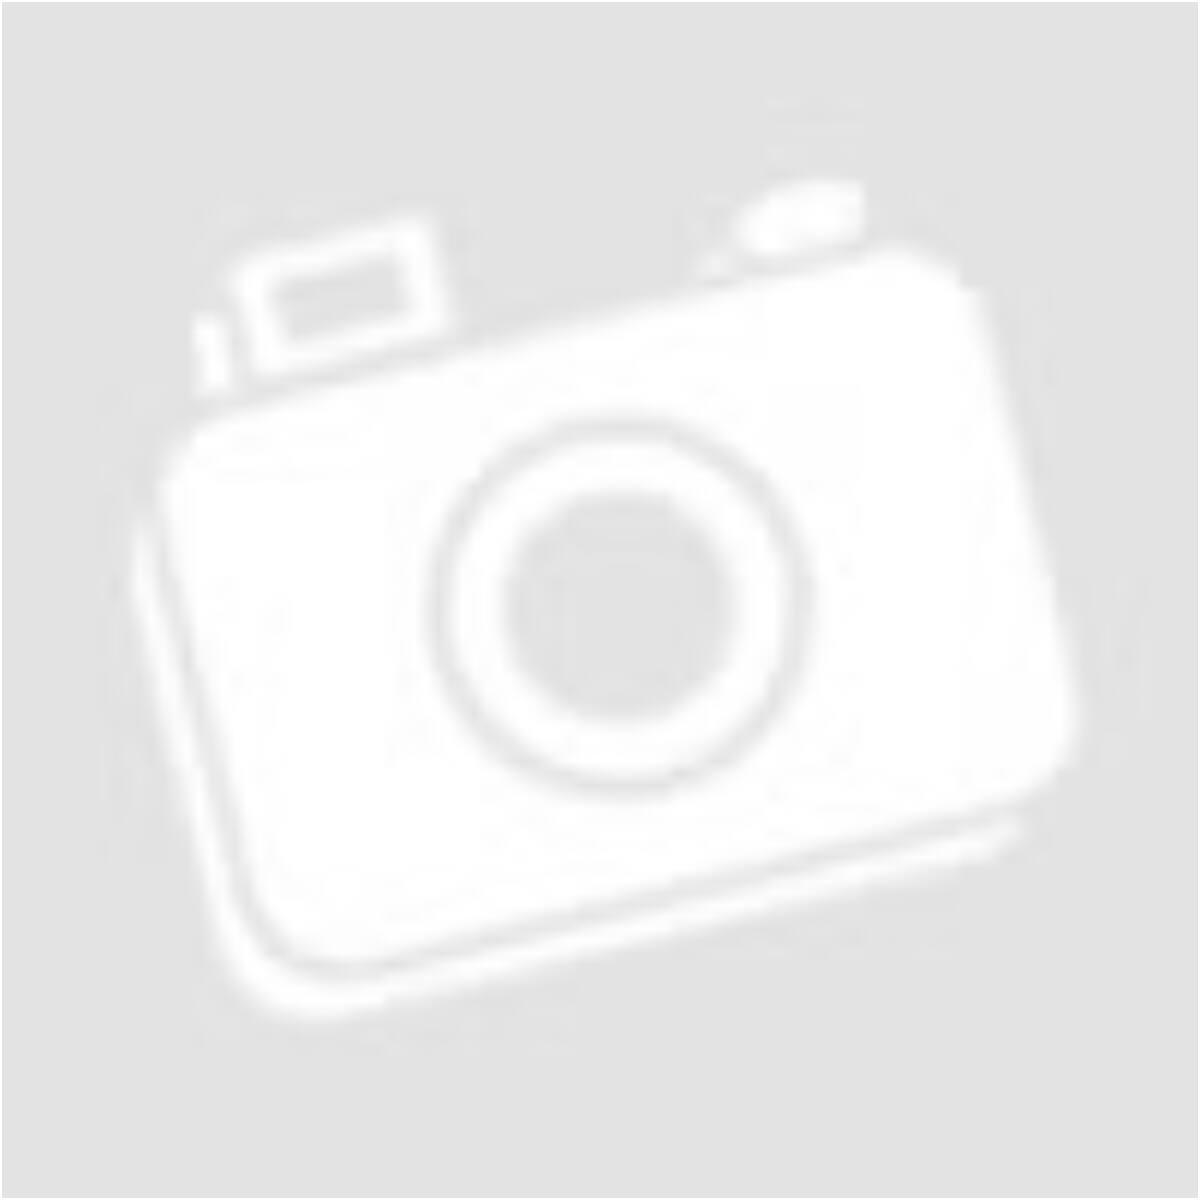 e622ec4edc Férfi sportos télikabát #1822 - sötétkék - Télikabátok